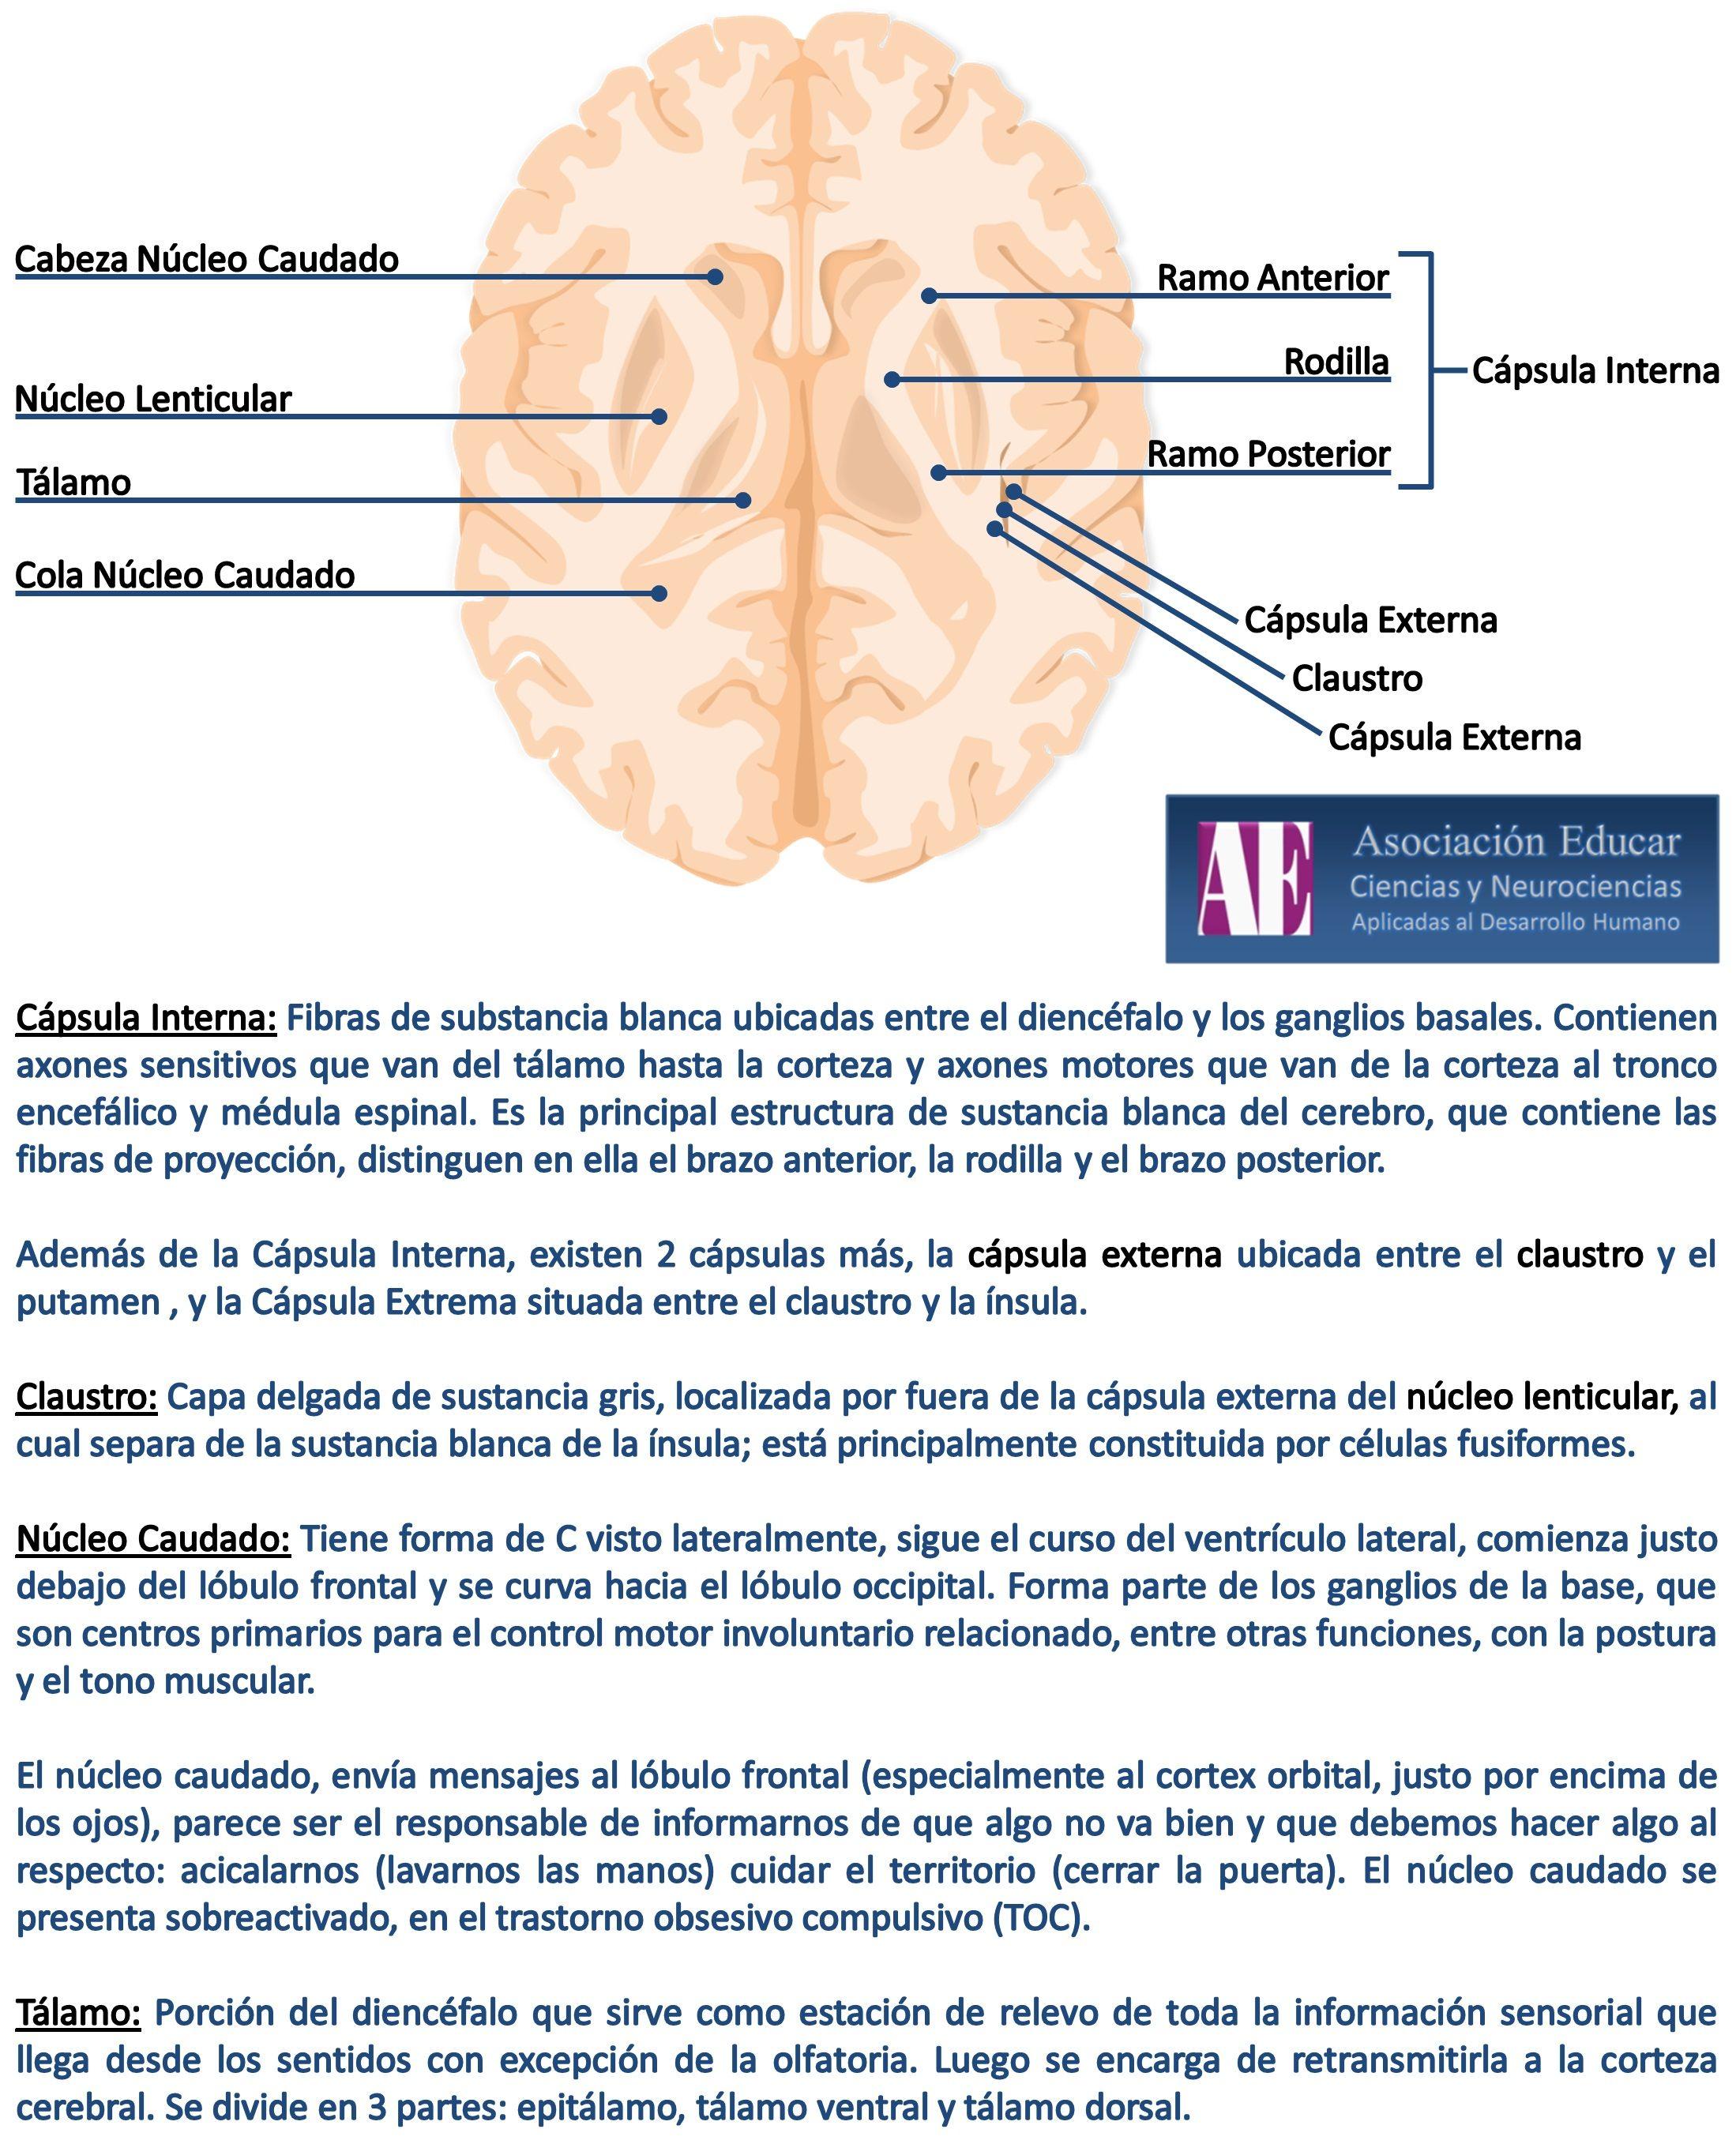 Núcleo caudado - Núcleo lenticular - Tálamo - Cápsula interna ...